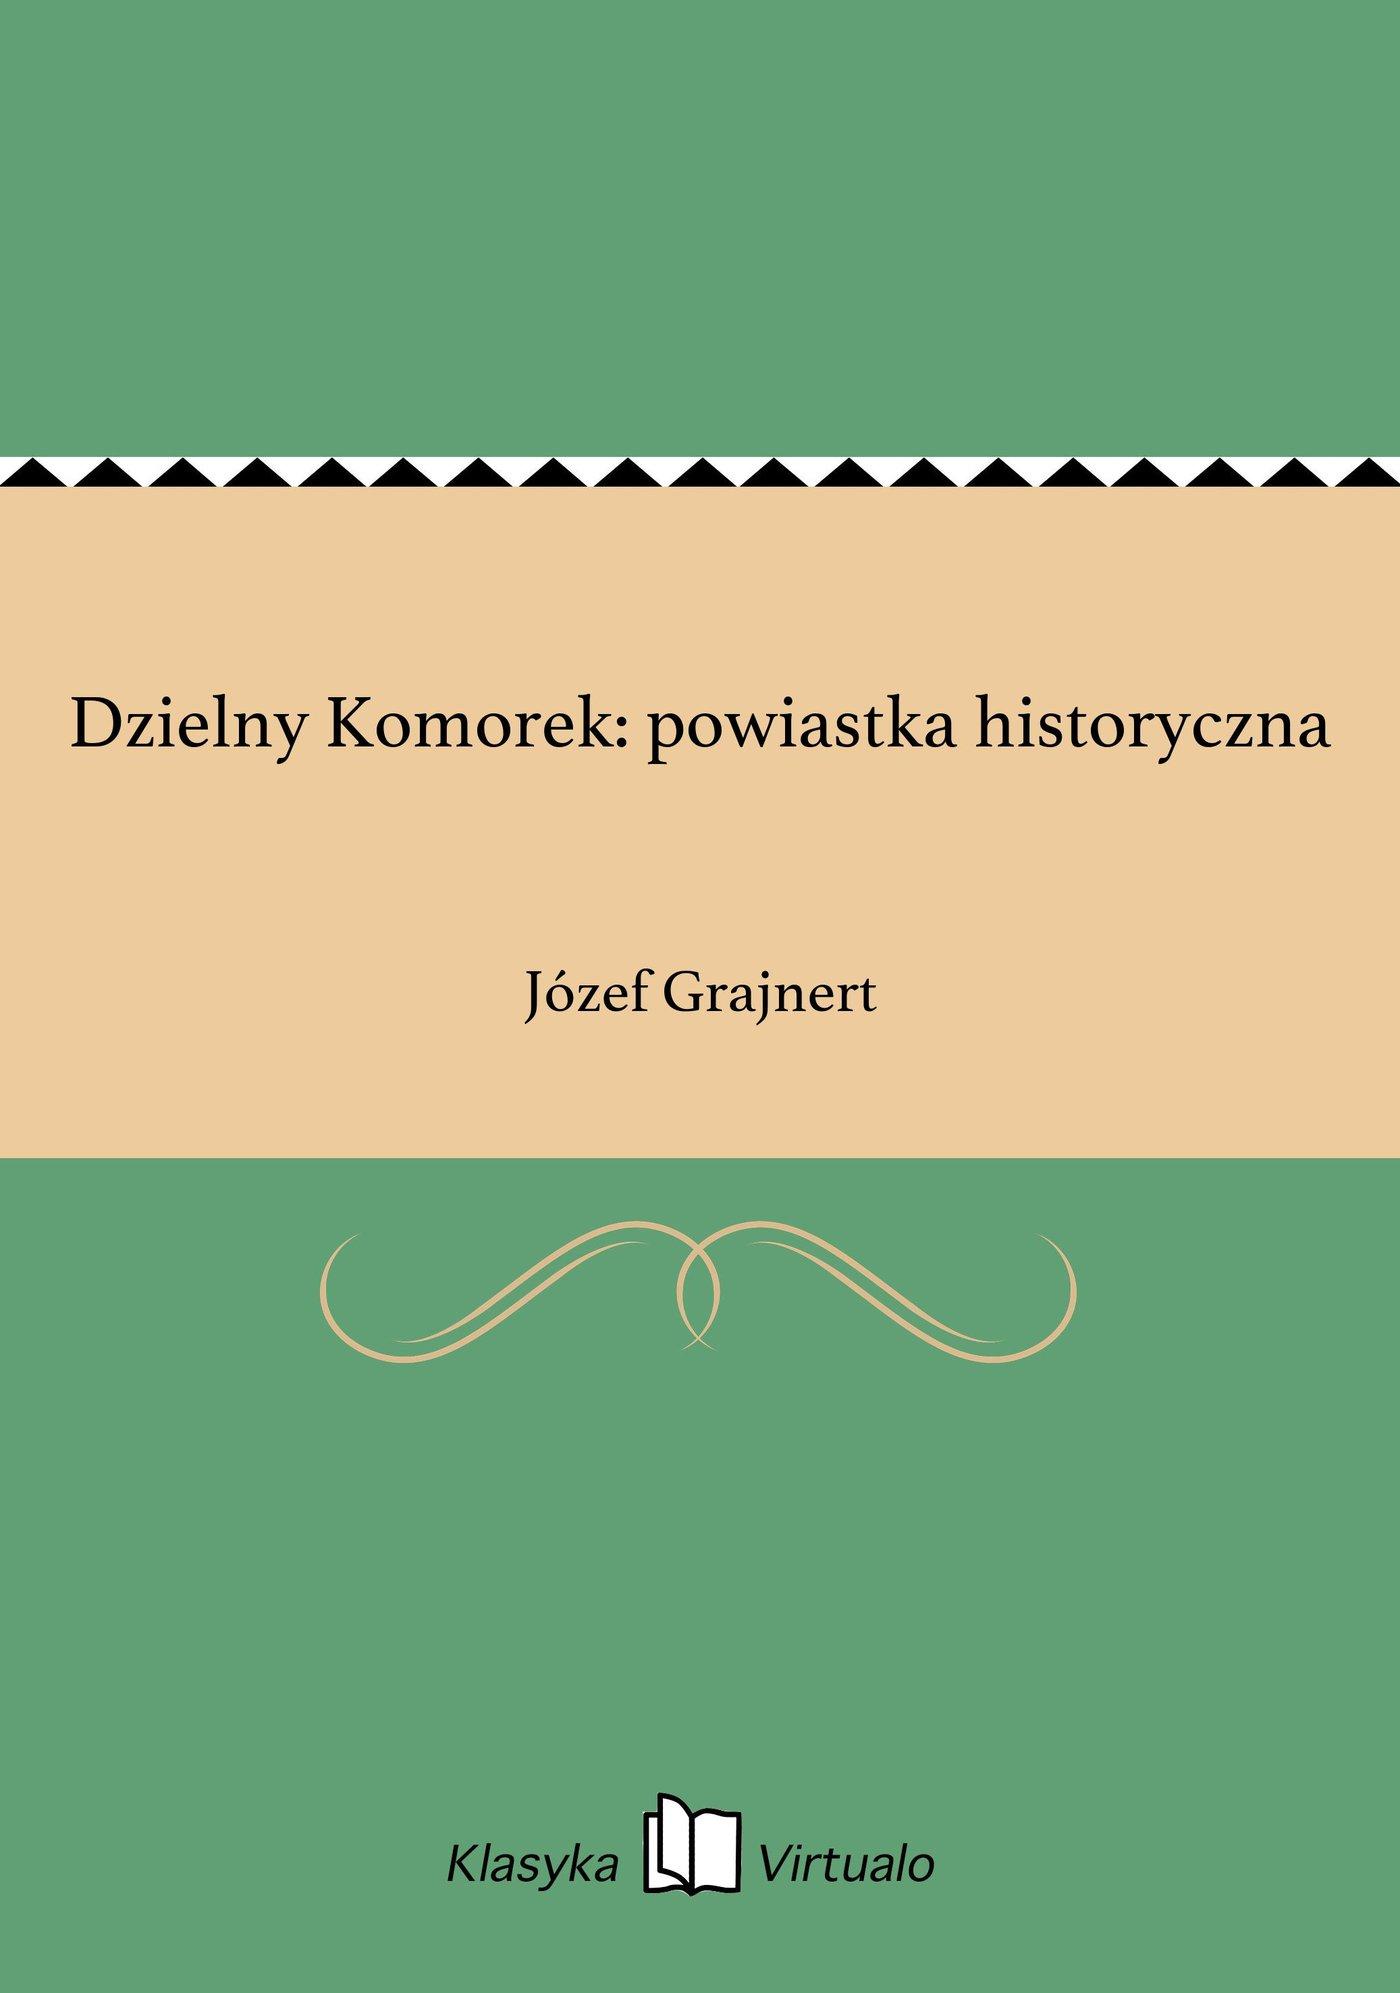 Dzielny Komorek: powiastka historyczna - Ebook (Książka na Kindle) do pobrania w formacie MOBI